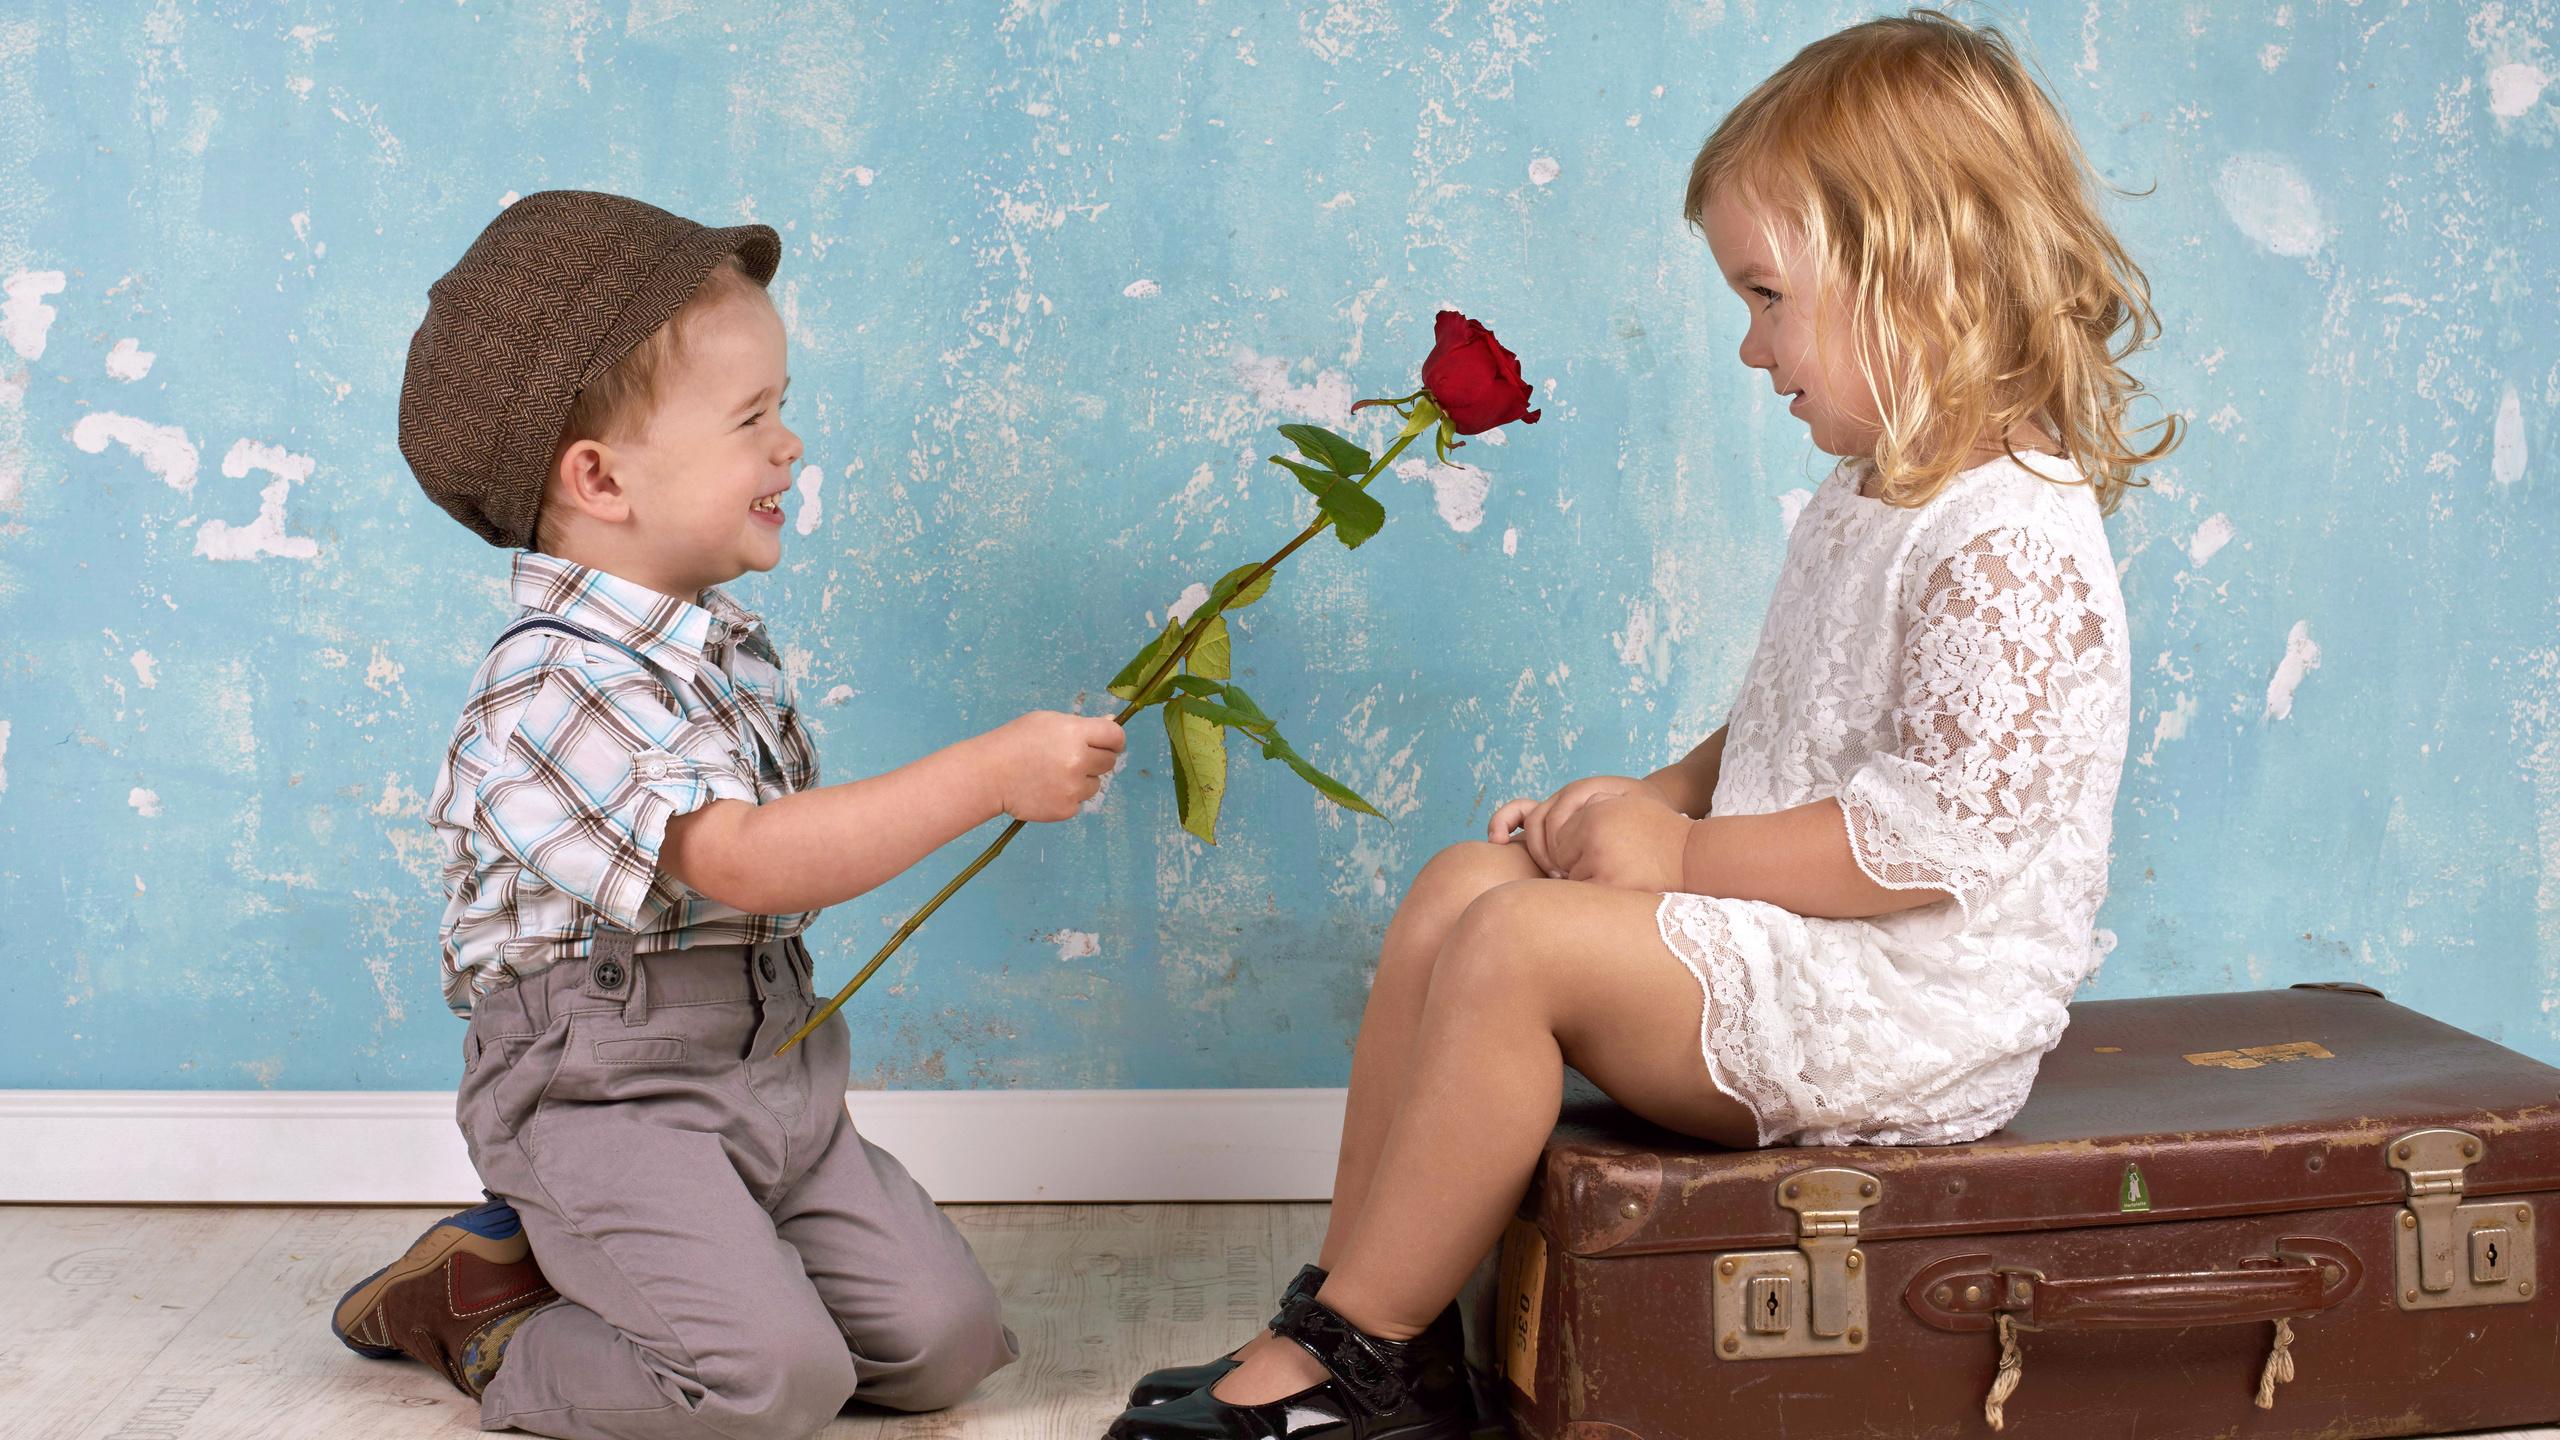 Мальчик дарит девочке цветы картинки, приколы